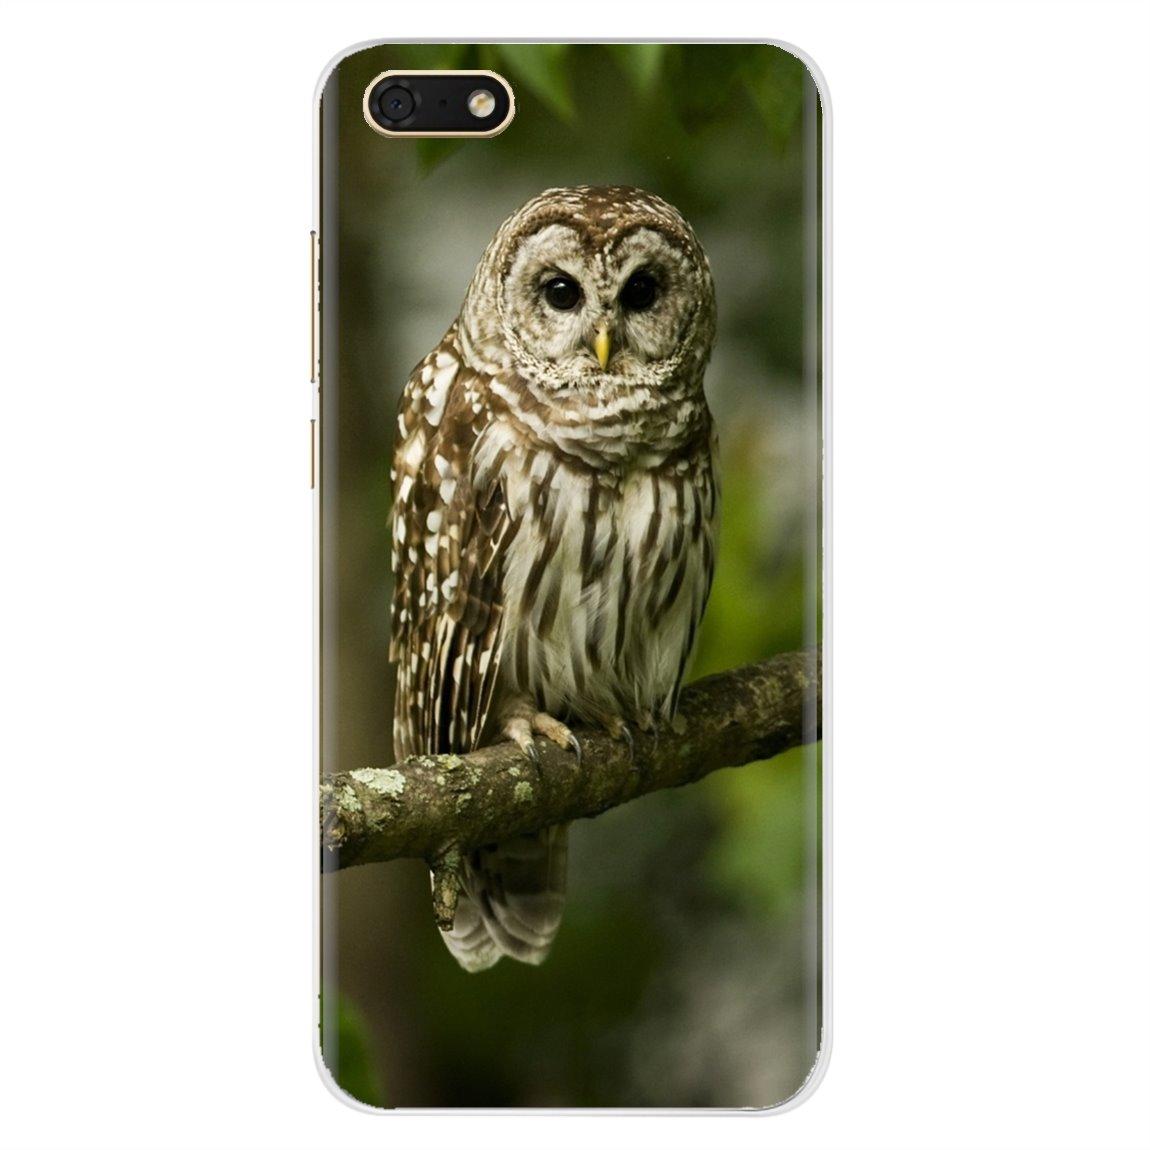 animals birds owl Trees phone wallpaper For Samsung Galaxy J1 J2 J3 J4 J5 J6 J7